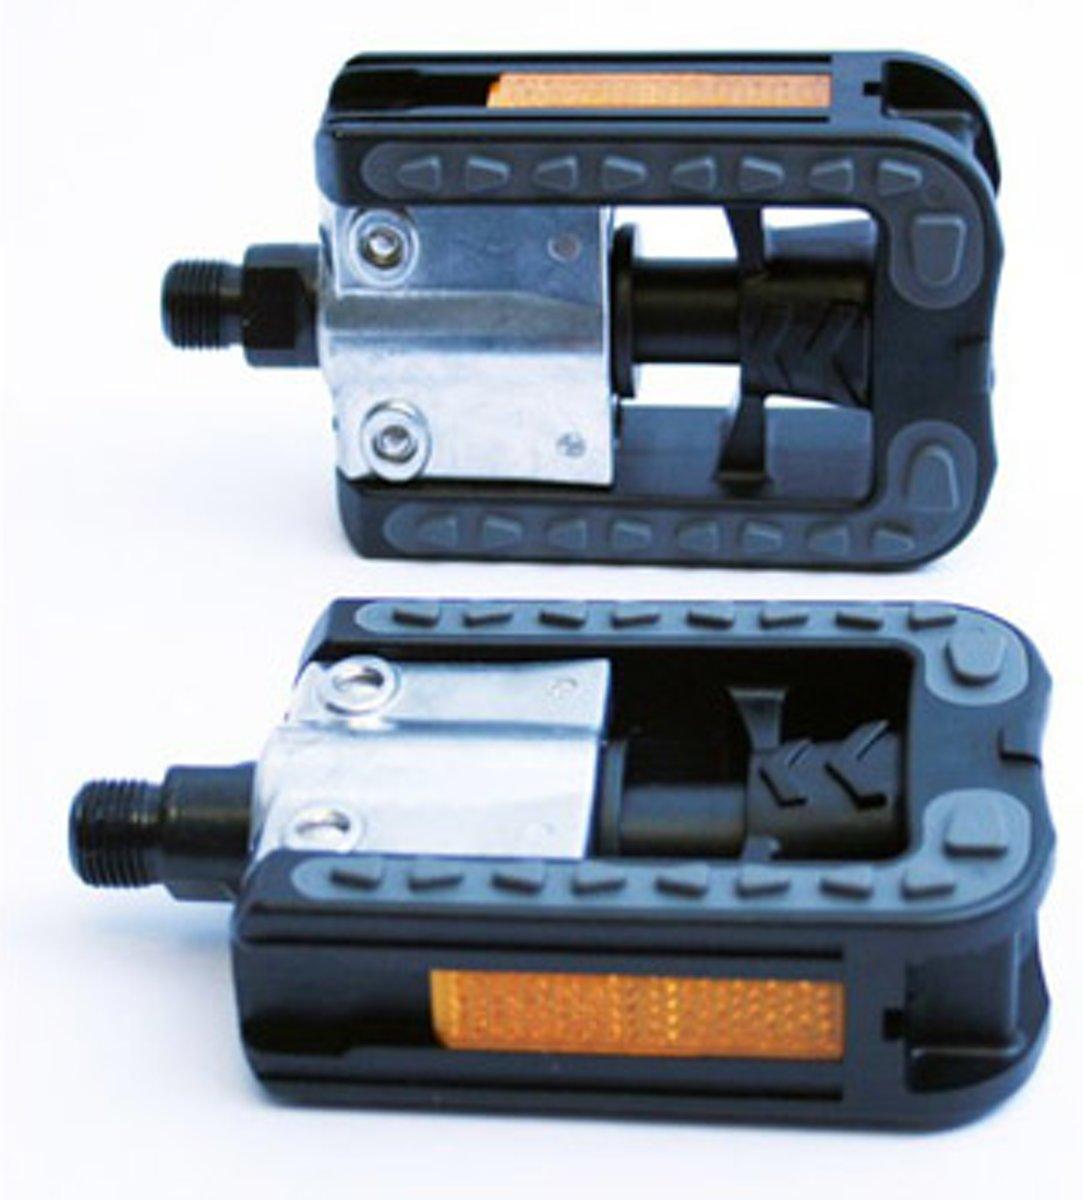 VWP Vouwpedaal Vouwfiets VP-113 Anti-slip 9/16 Inch zwart set